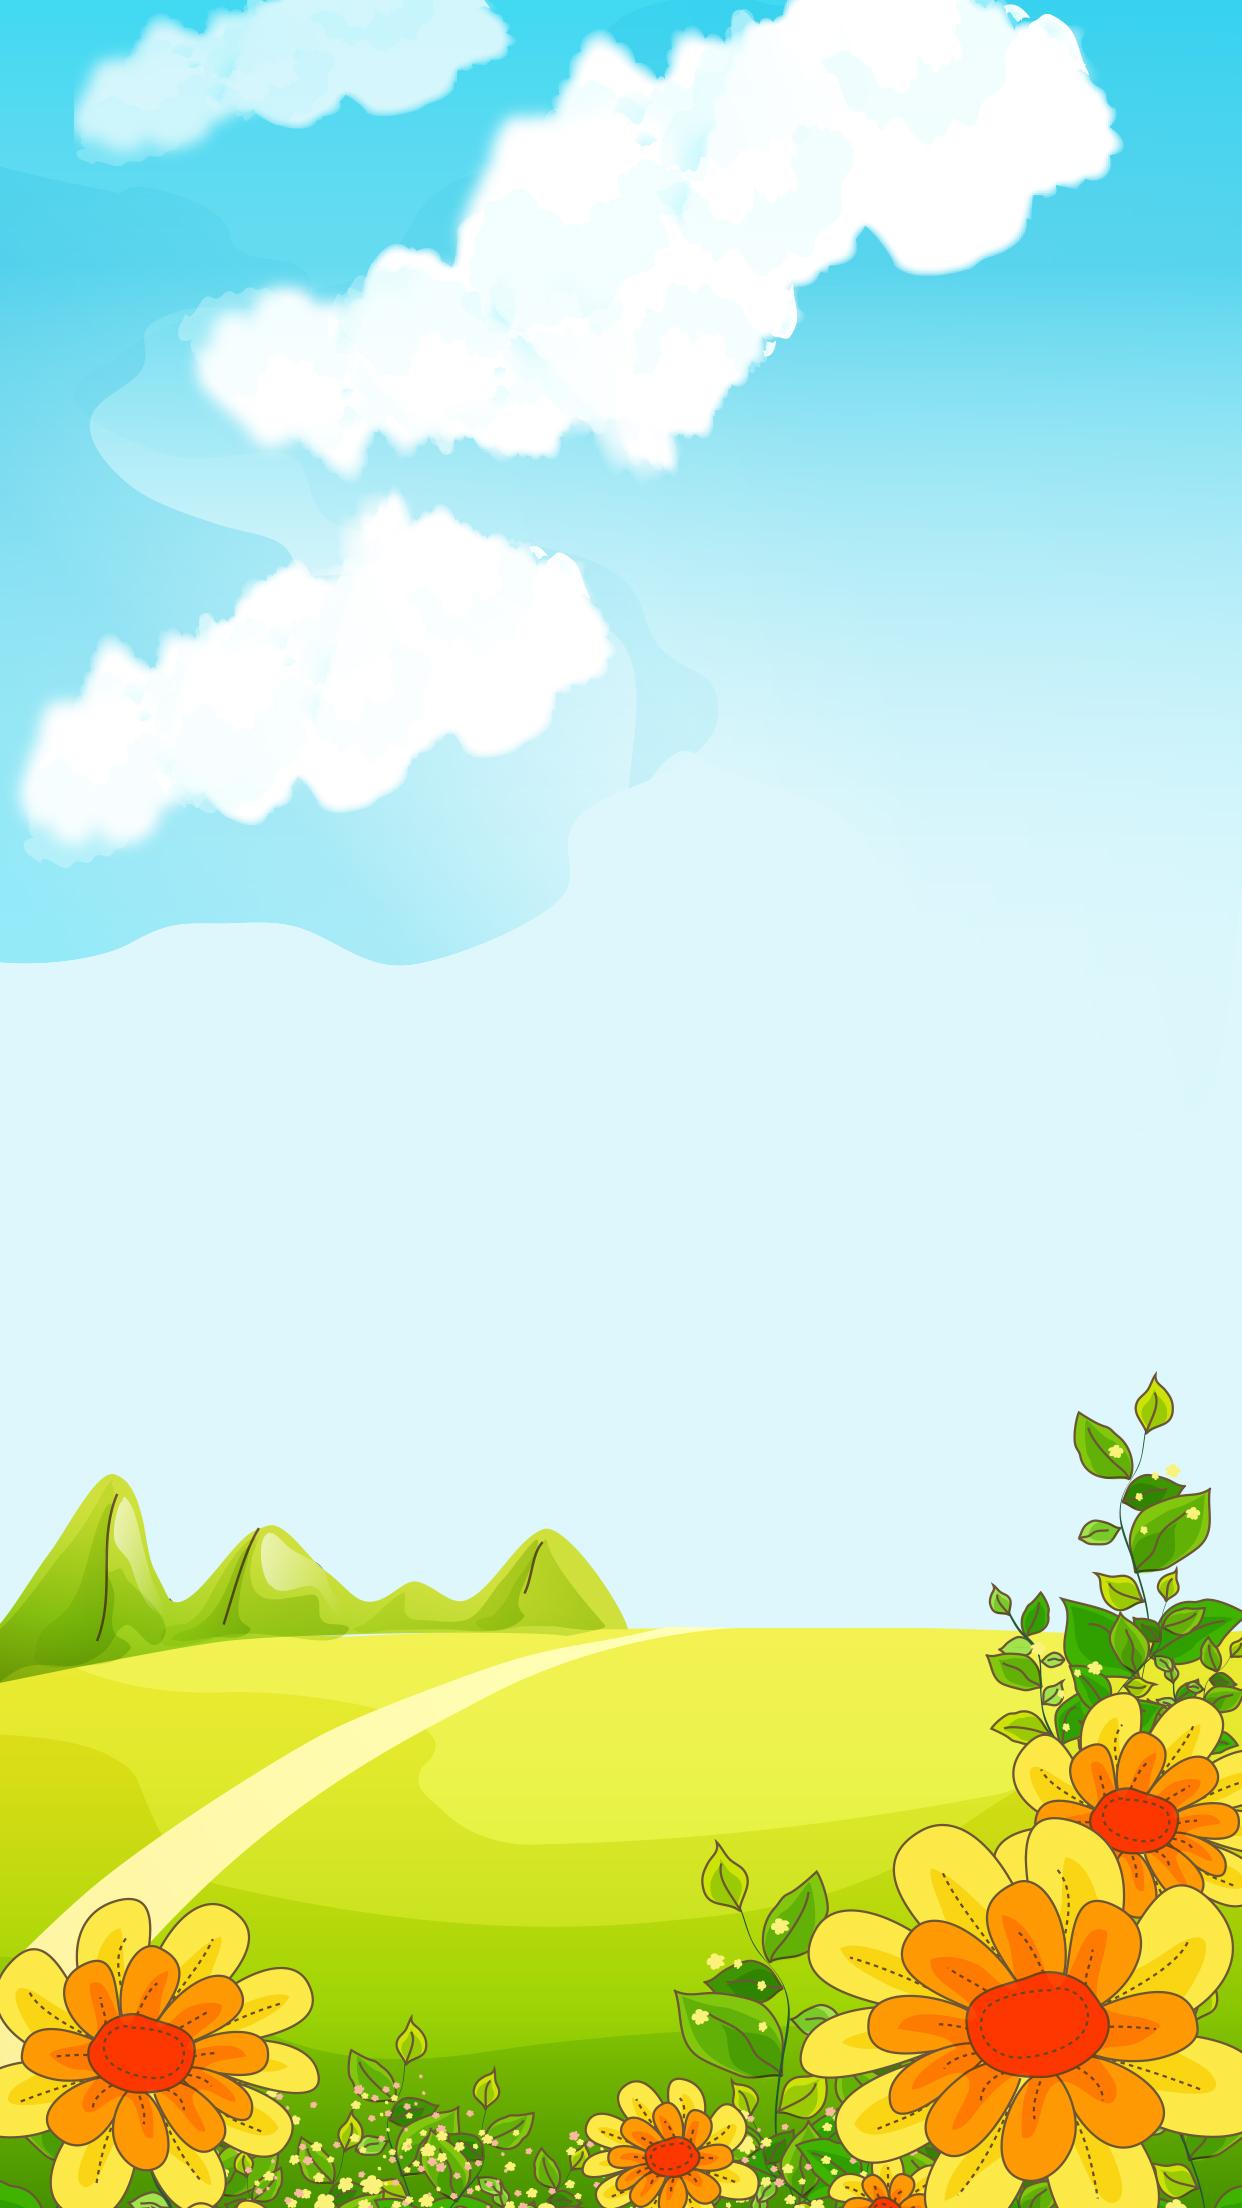 le ciel bleu le ciel bleu de dessins anim u00e9s de d u00e9cor de